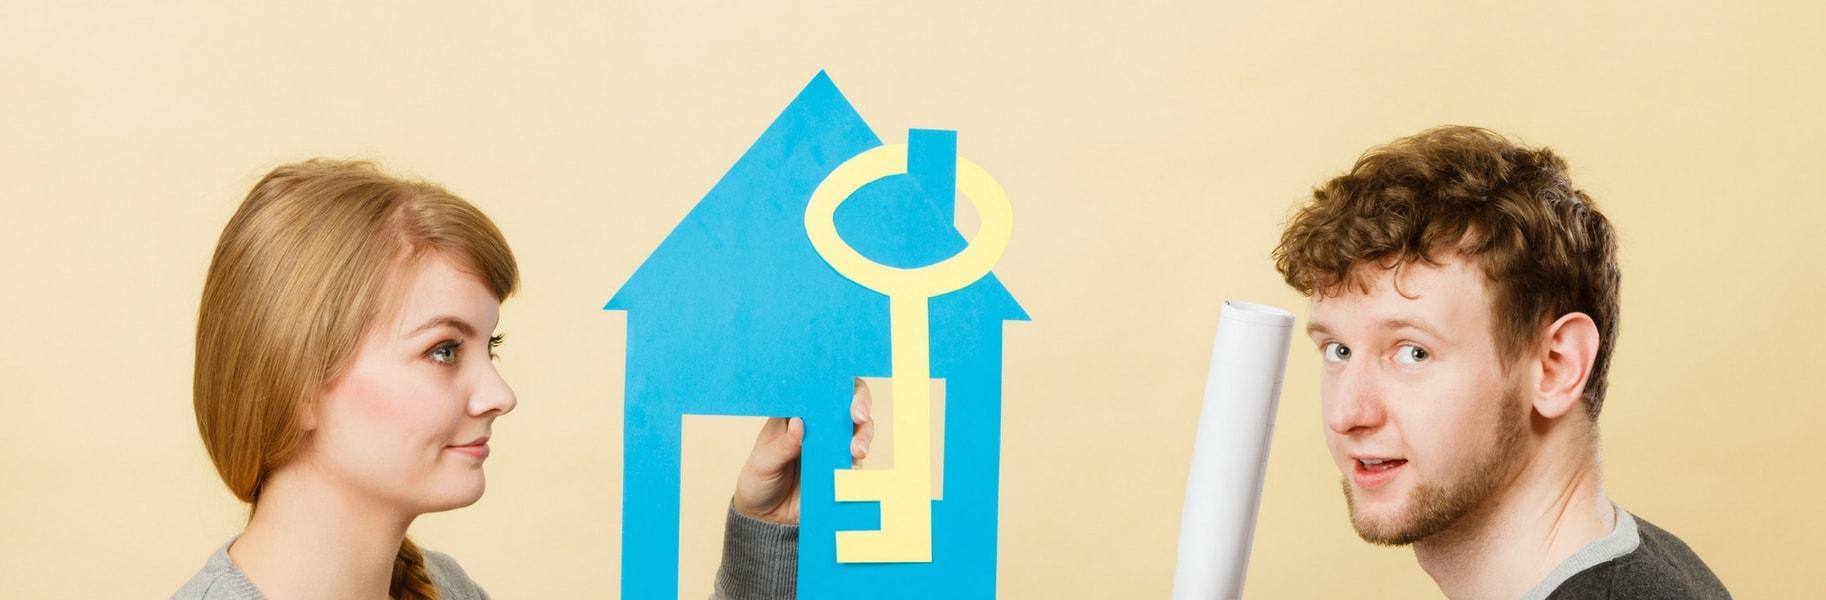 Premiere hypothèque